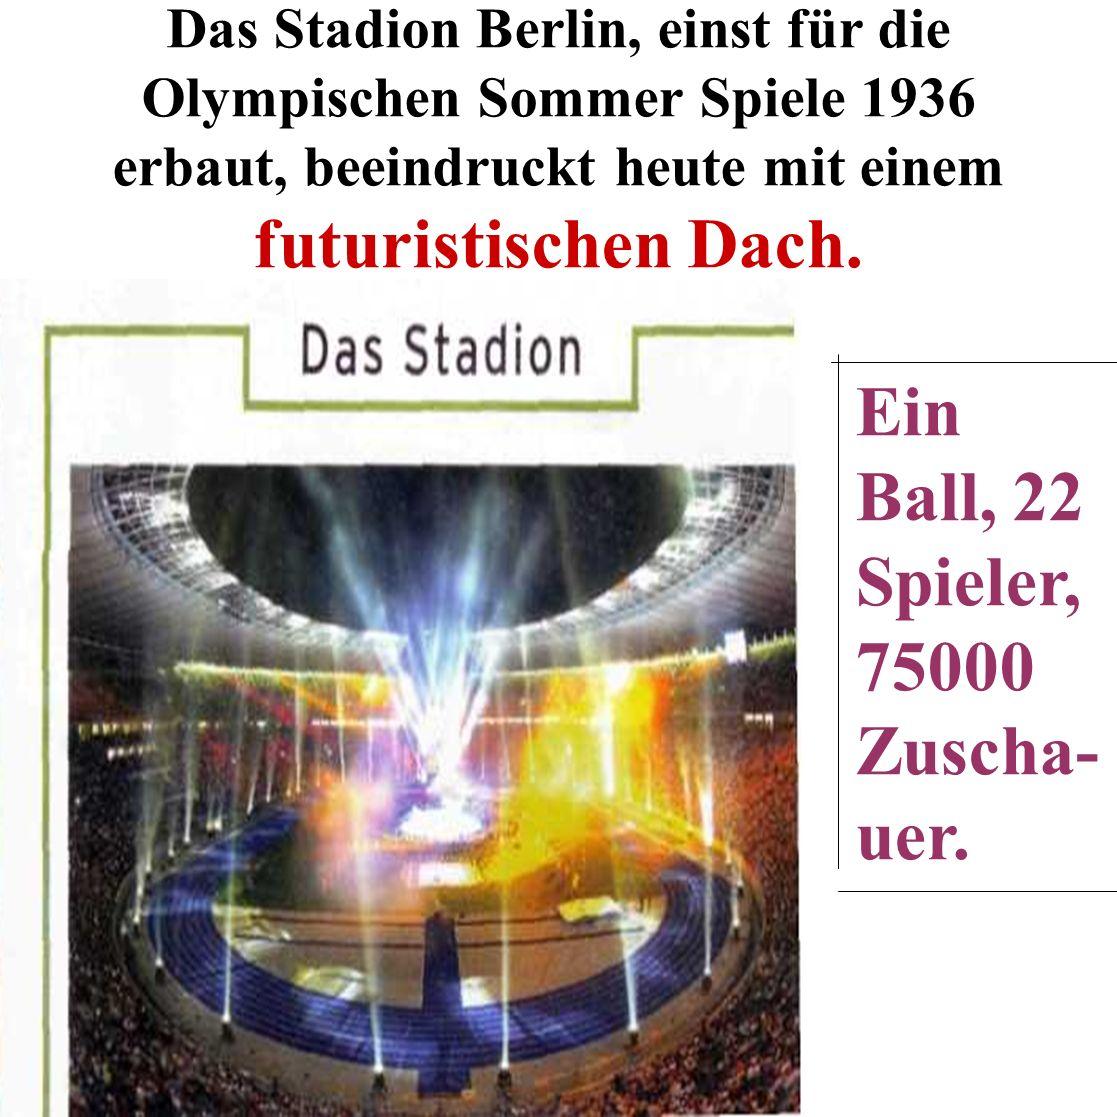 Das Stadion Berlin, einst für die Olympischen Sommer Spiele 1936 erbaut, beeindruckt heute mit einem futuristischen Dach.